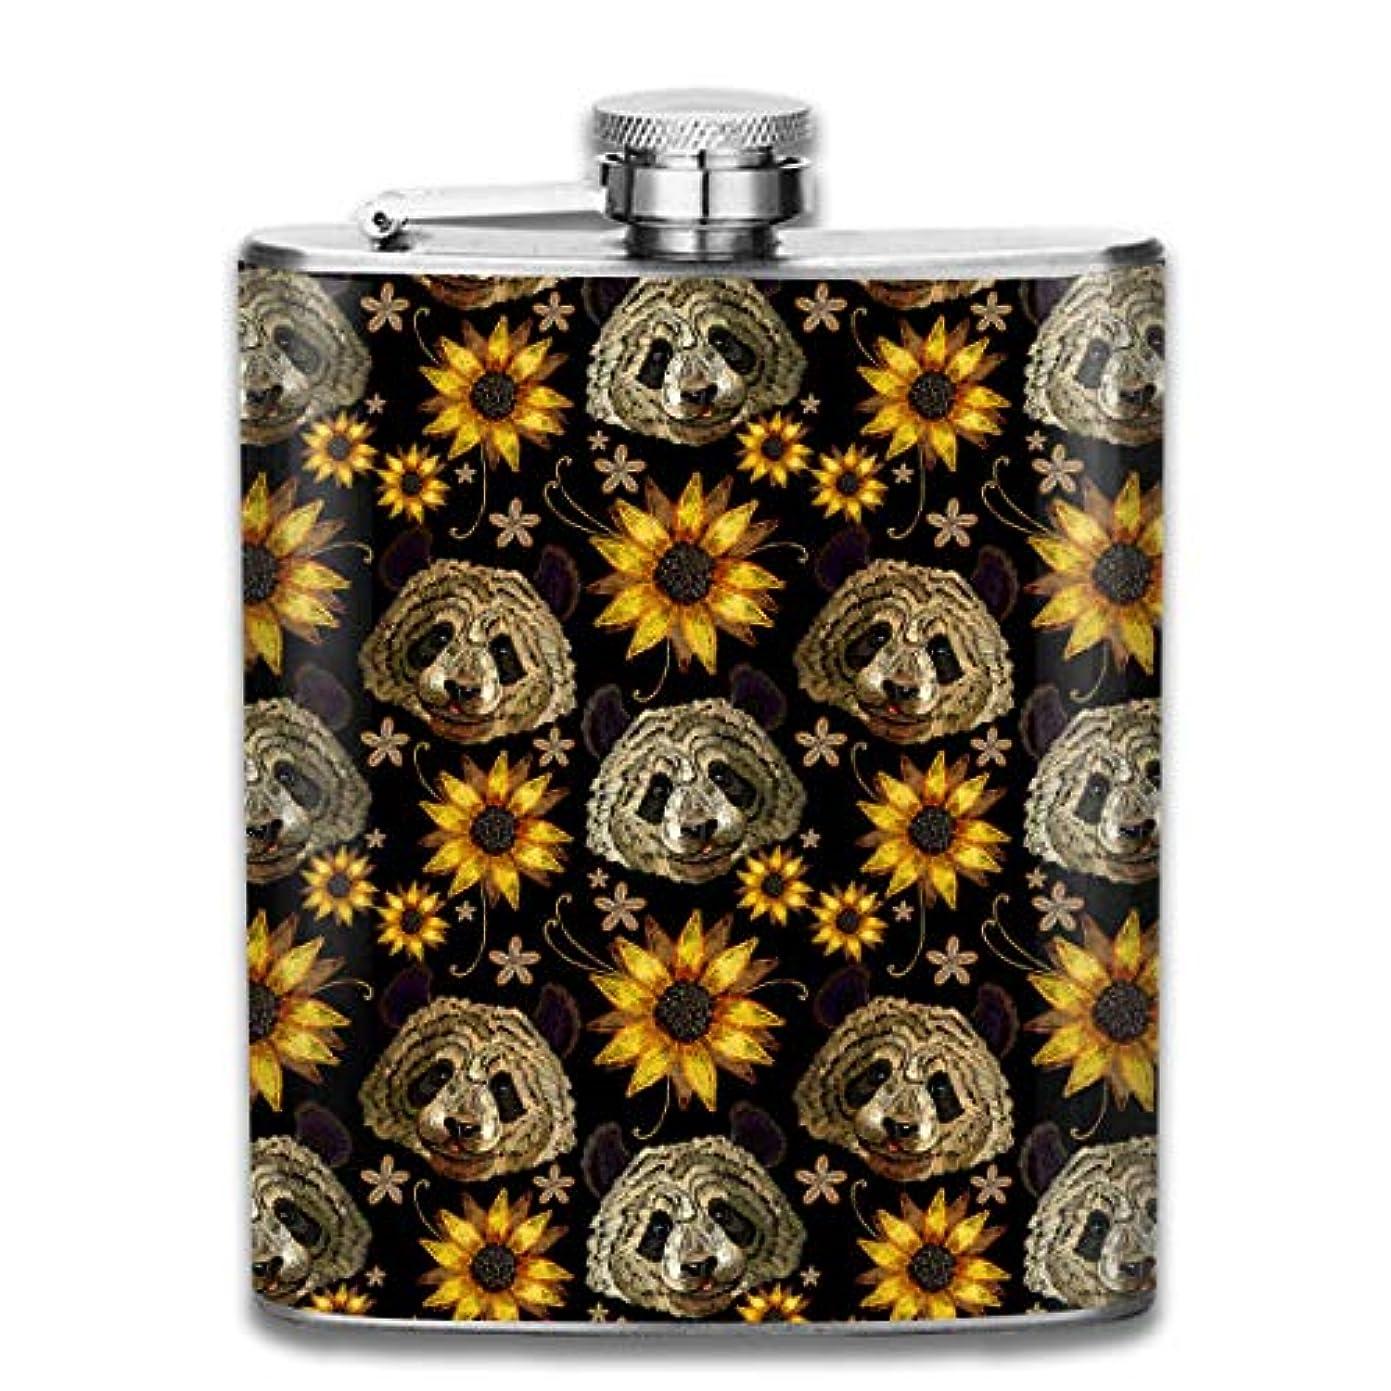 建築美しい軽くパンダとひまわりフラスコ スキットル ヒップフラスコ 7オンス 206ml 高品質ステンレス製 ウイスキー アルコール 清酒 携帯 ボトル